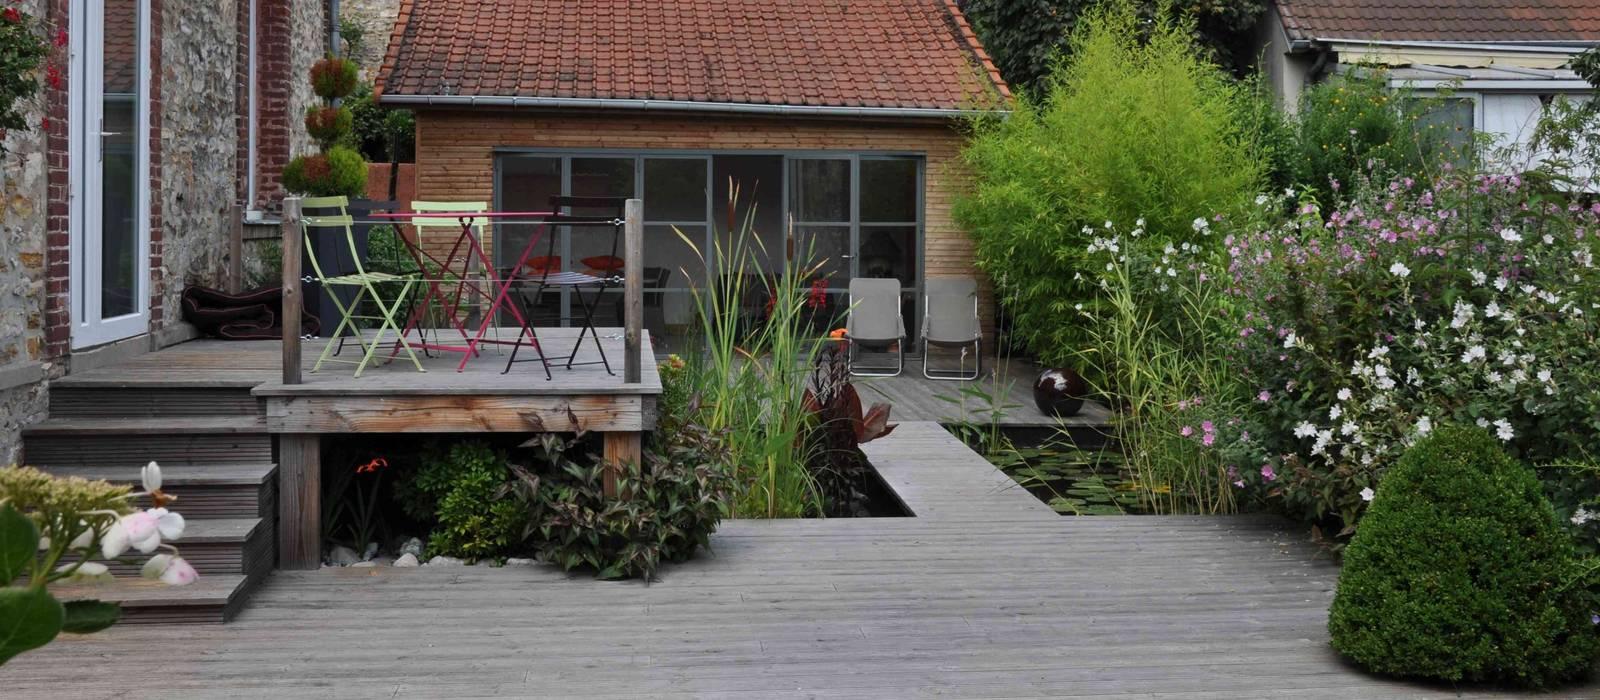 Jardin d'eau sur pilotis de bois et cuisine d'été par Taffin